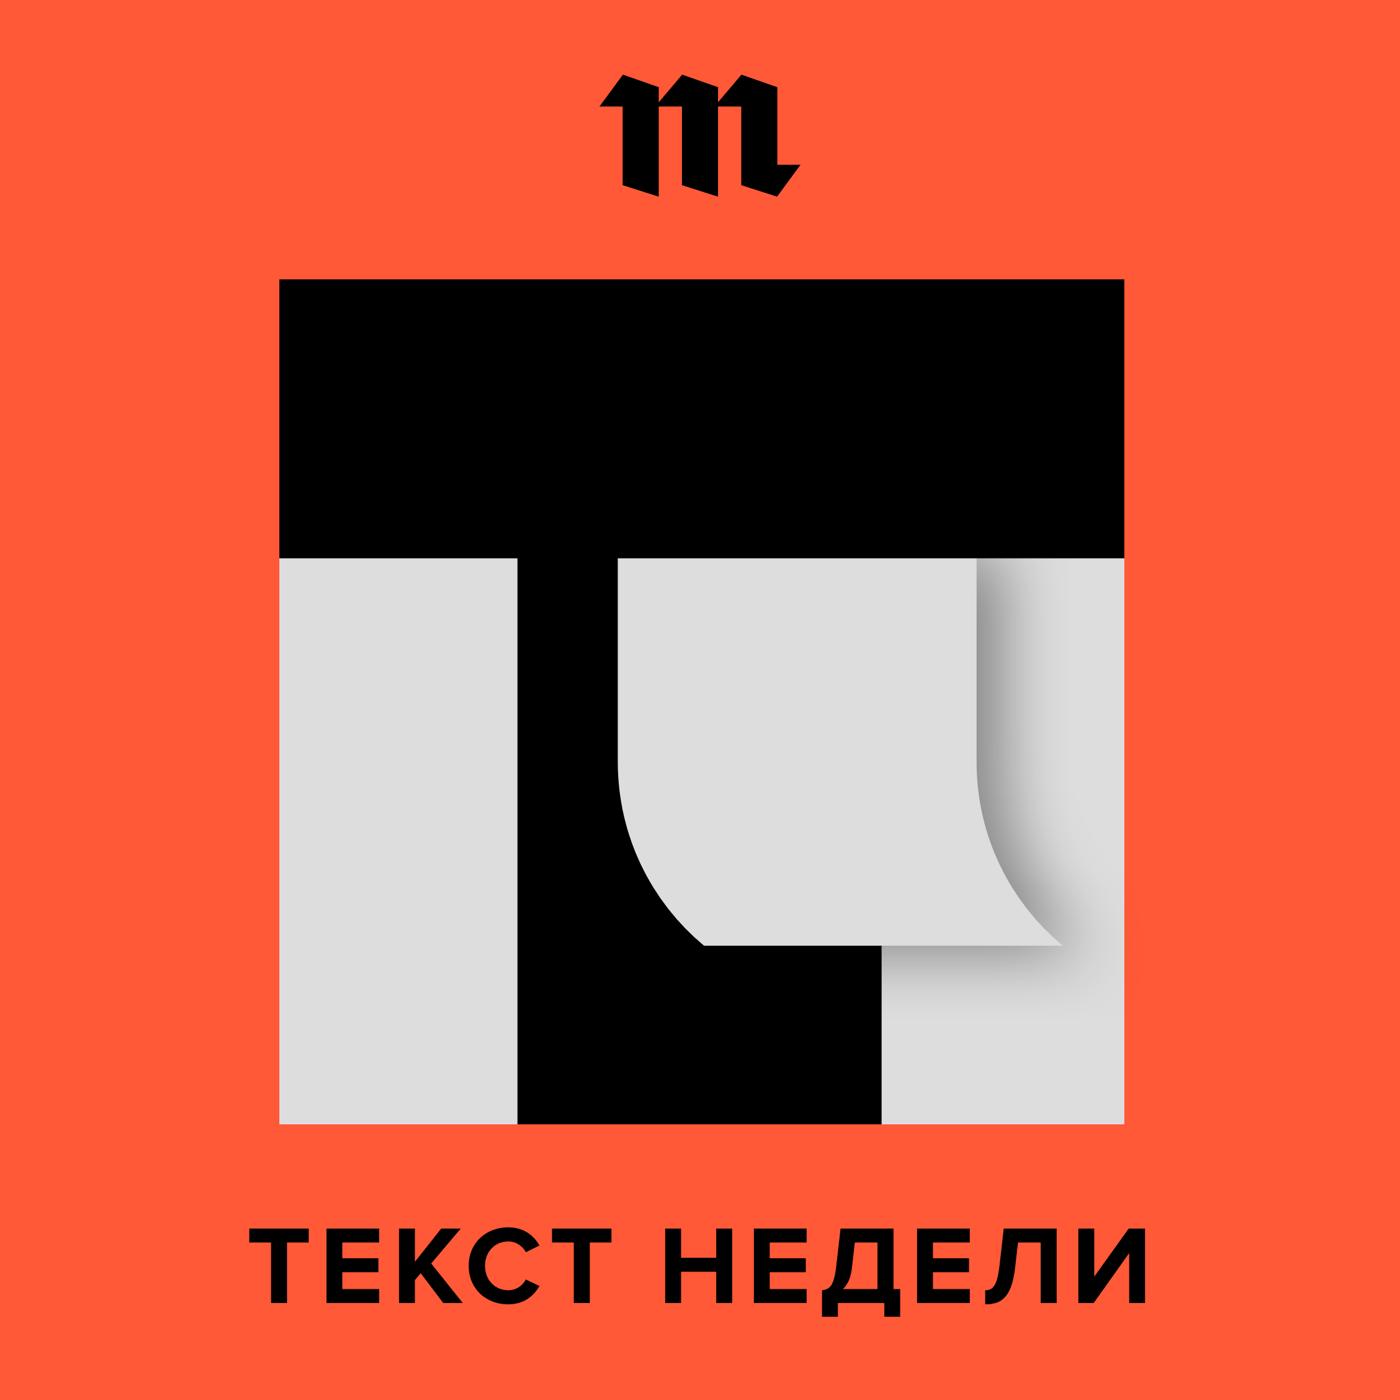 Айлика Кремер Как работают российские политтехнологи: деньги, доступ и снова деньги айлика кремер как российские спецслужбы управляют хакерами патриотами